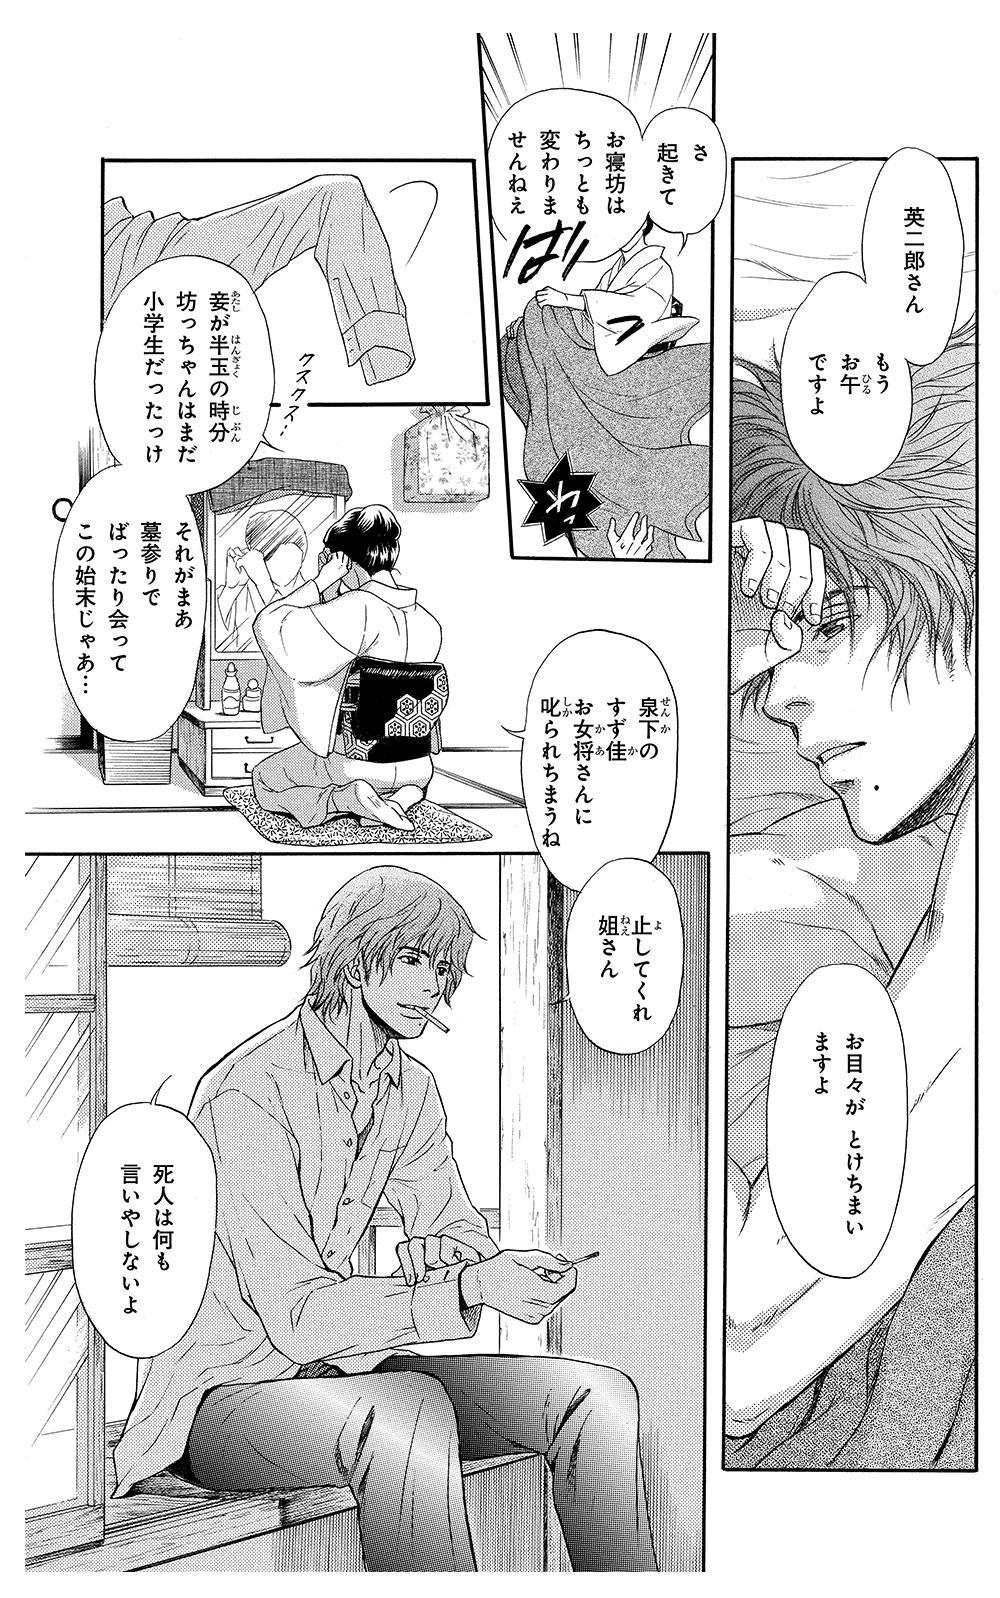 鵼の絵師 第2話「おきみやげ」①nue03-03.jpg